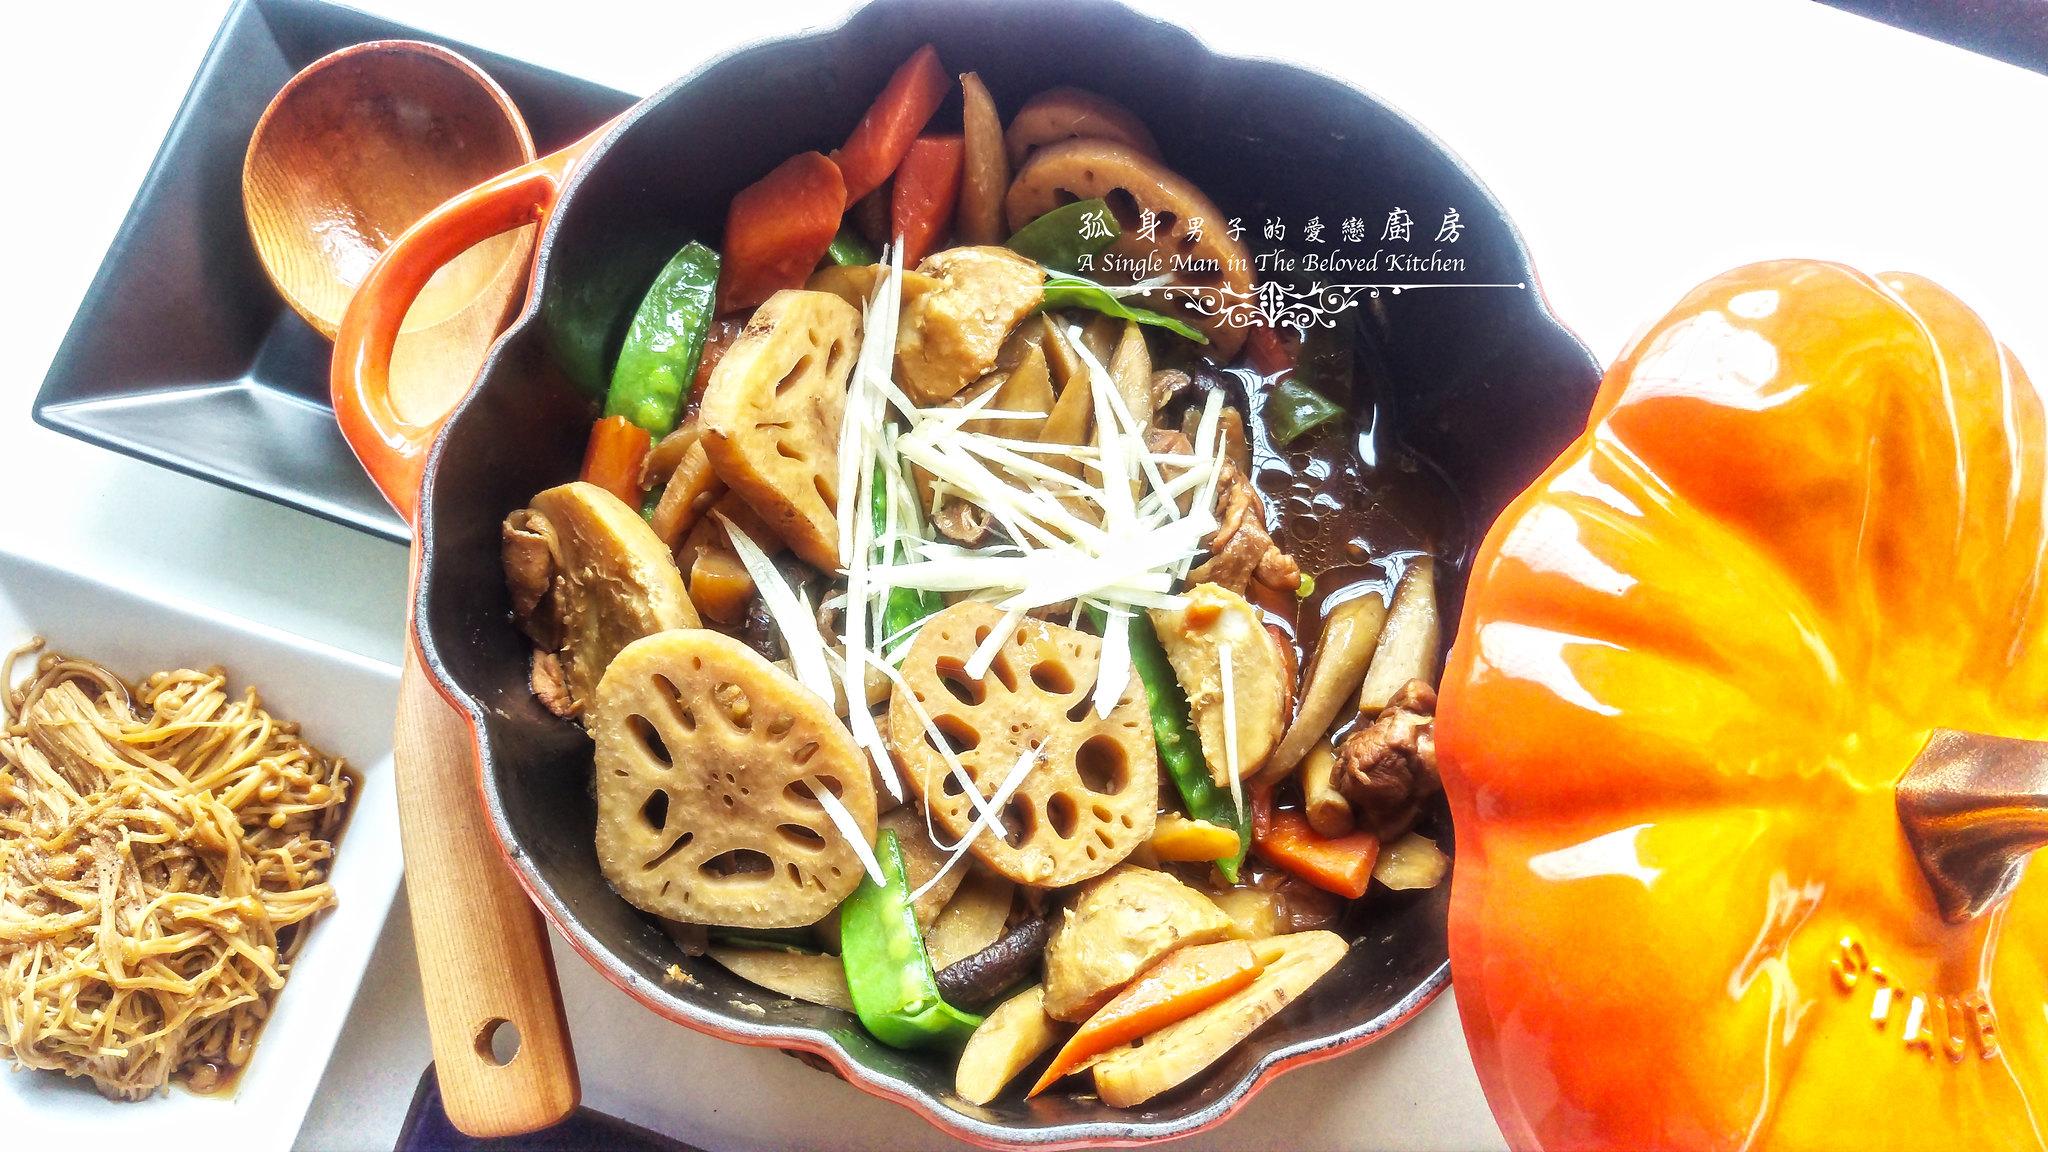 孤身廚房-食譜書《常備菜》試作——筑前煮、醬煮金針菇。甜滋滋溫暖和風味22